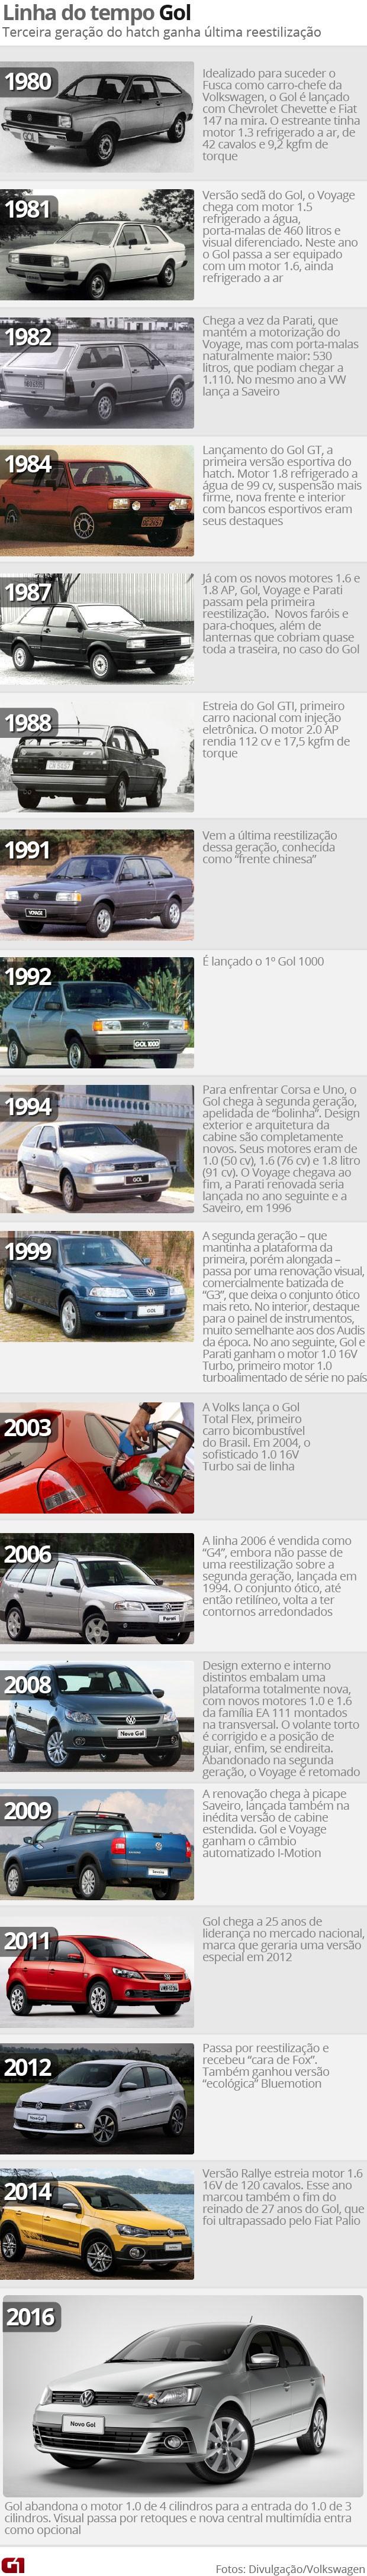 Linha do tempo do Volkswagen Gol (Foto: G1)